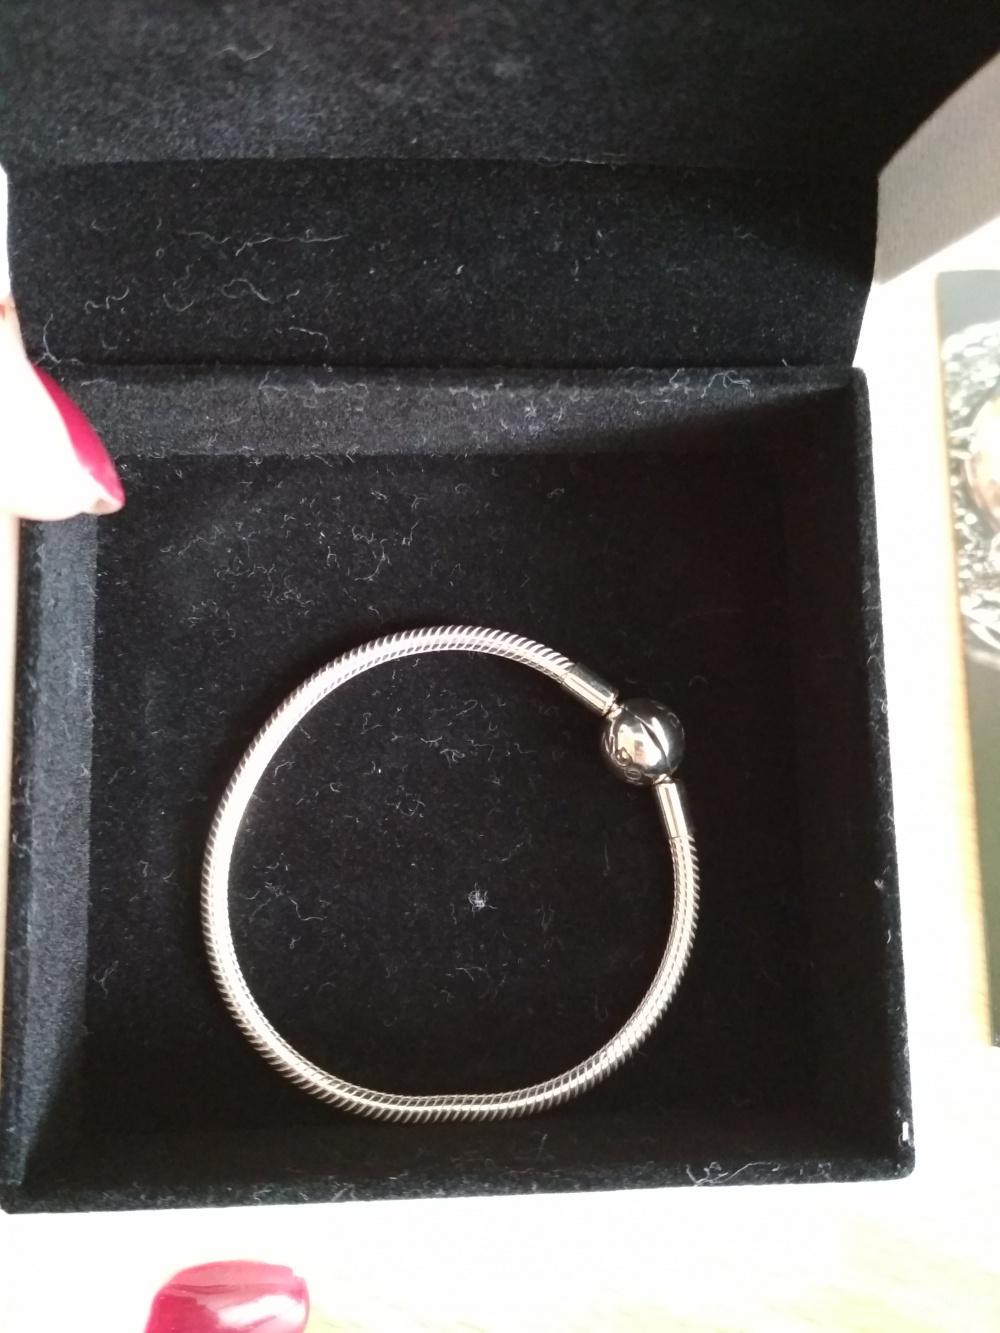 Оригинальный браслет Pandora на узкое запястье в 16 см.